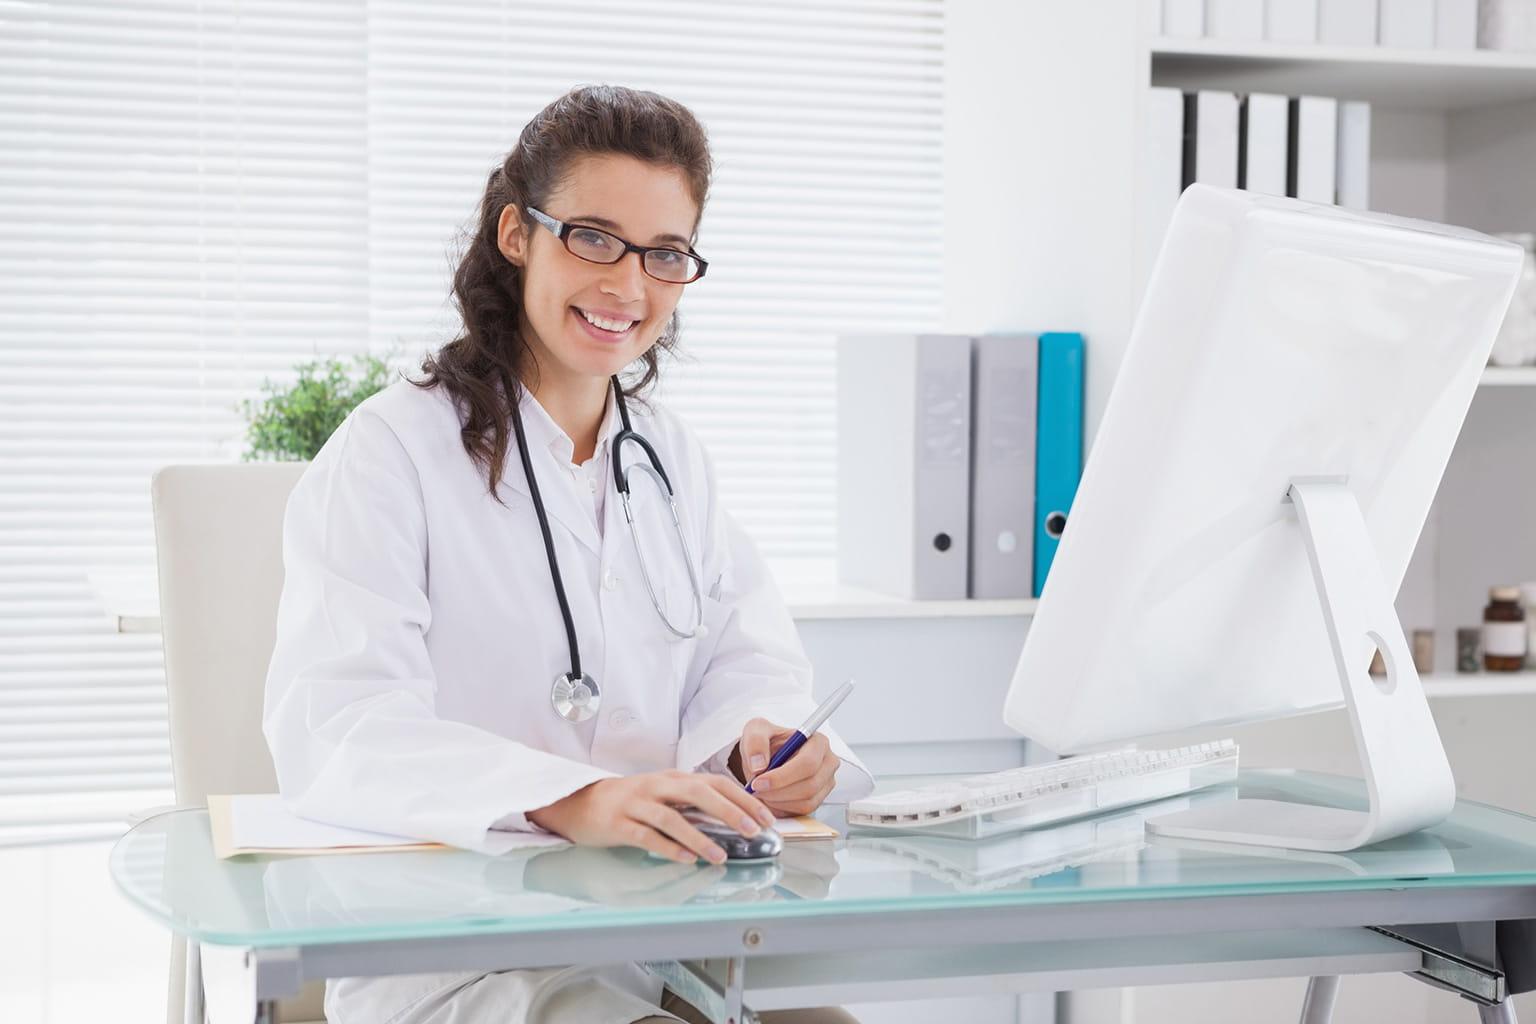 Ärztin sitzt an ihrem Schreibtisch